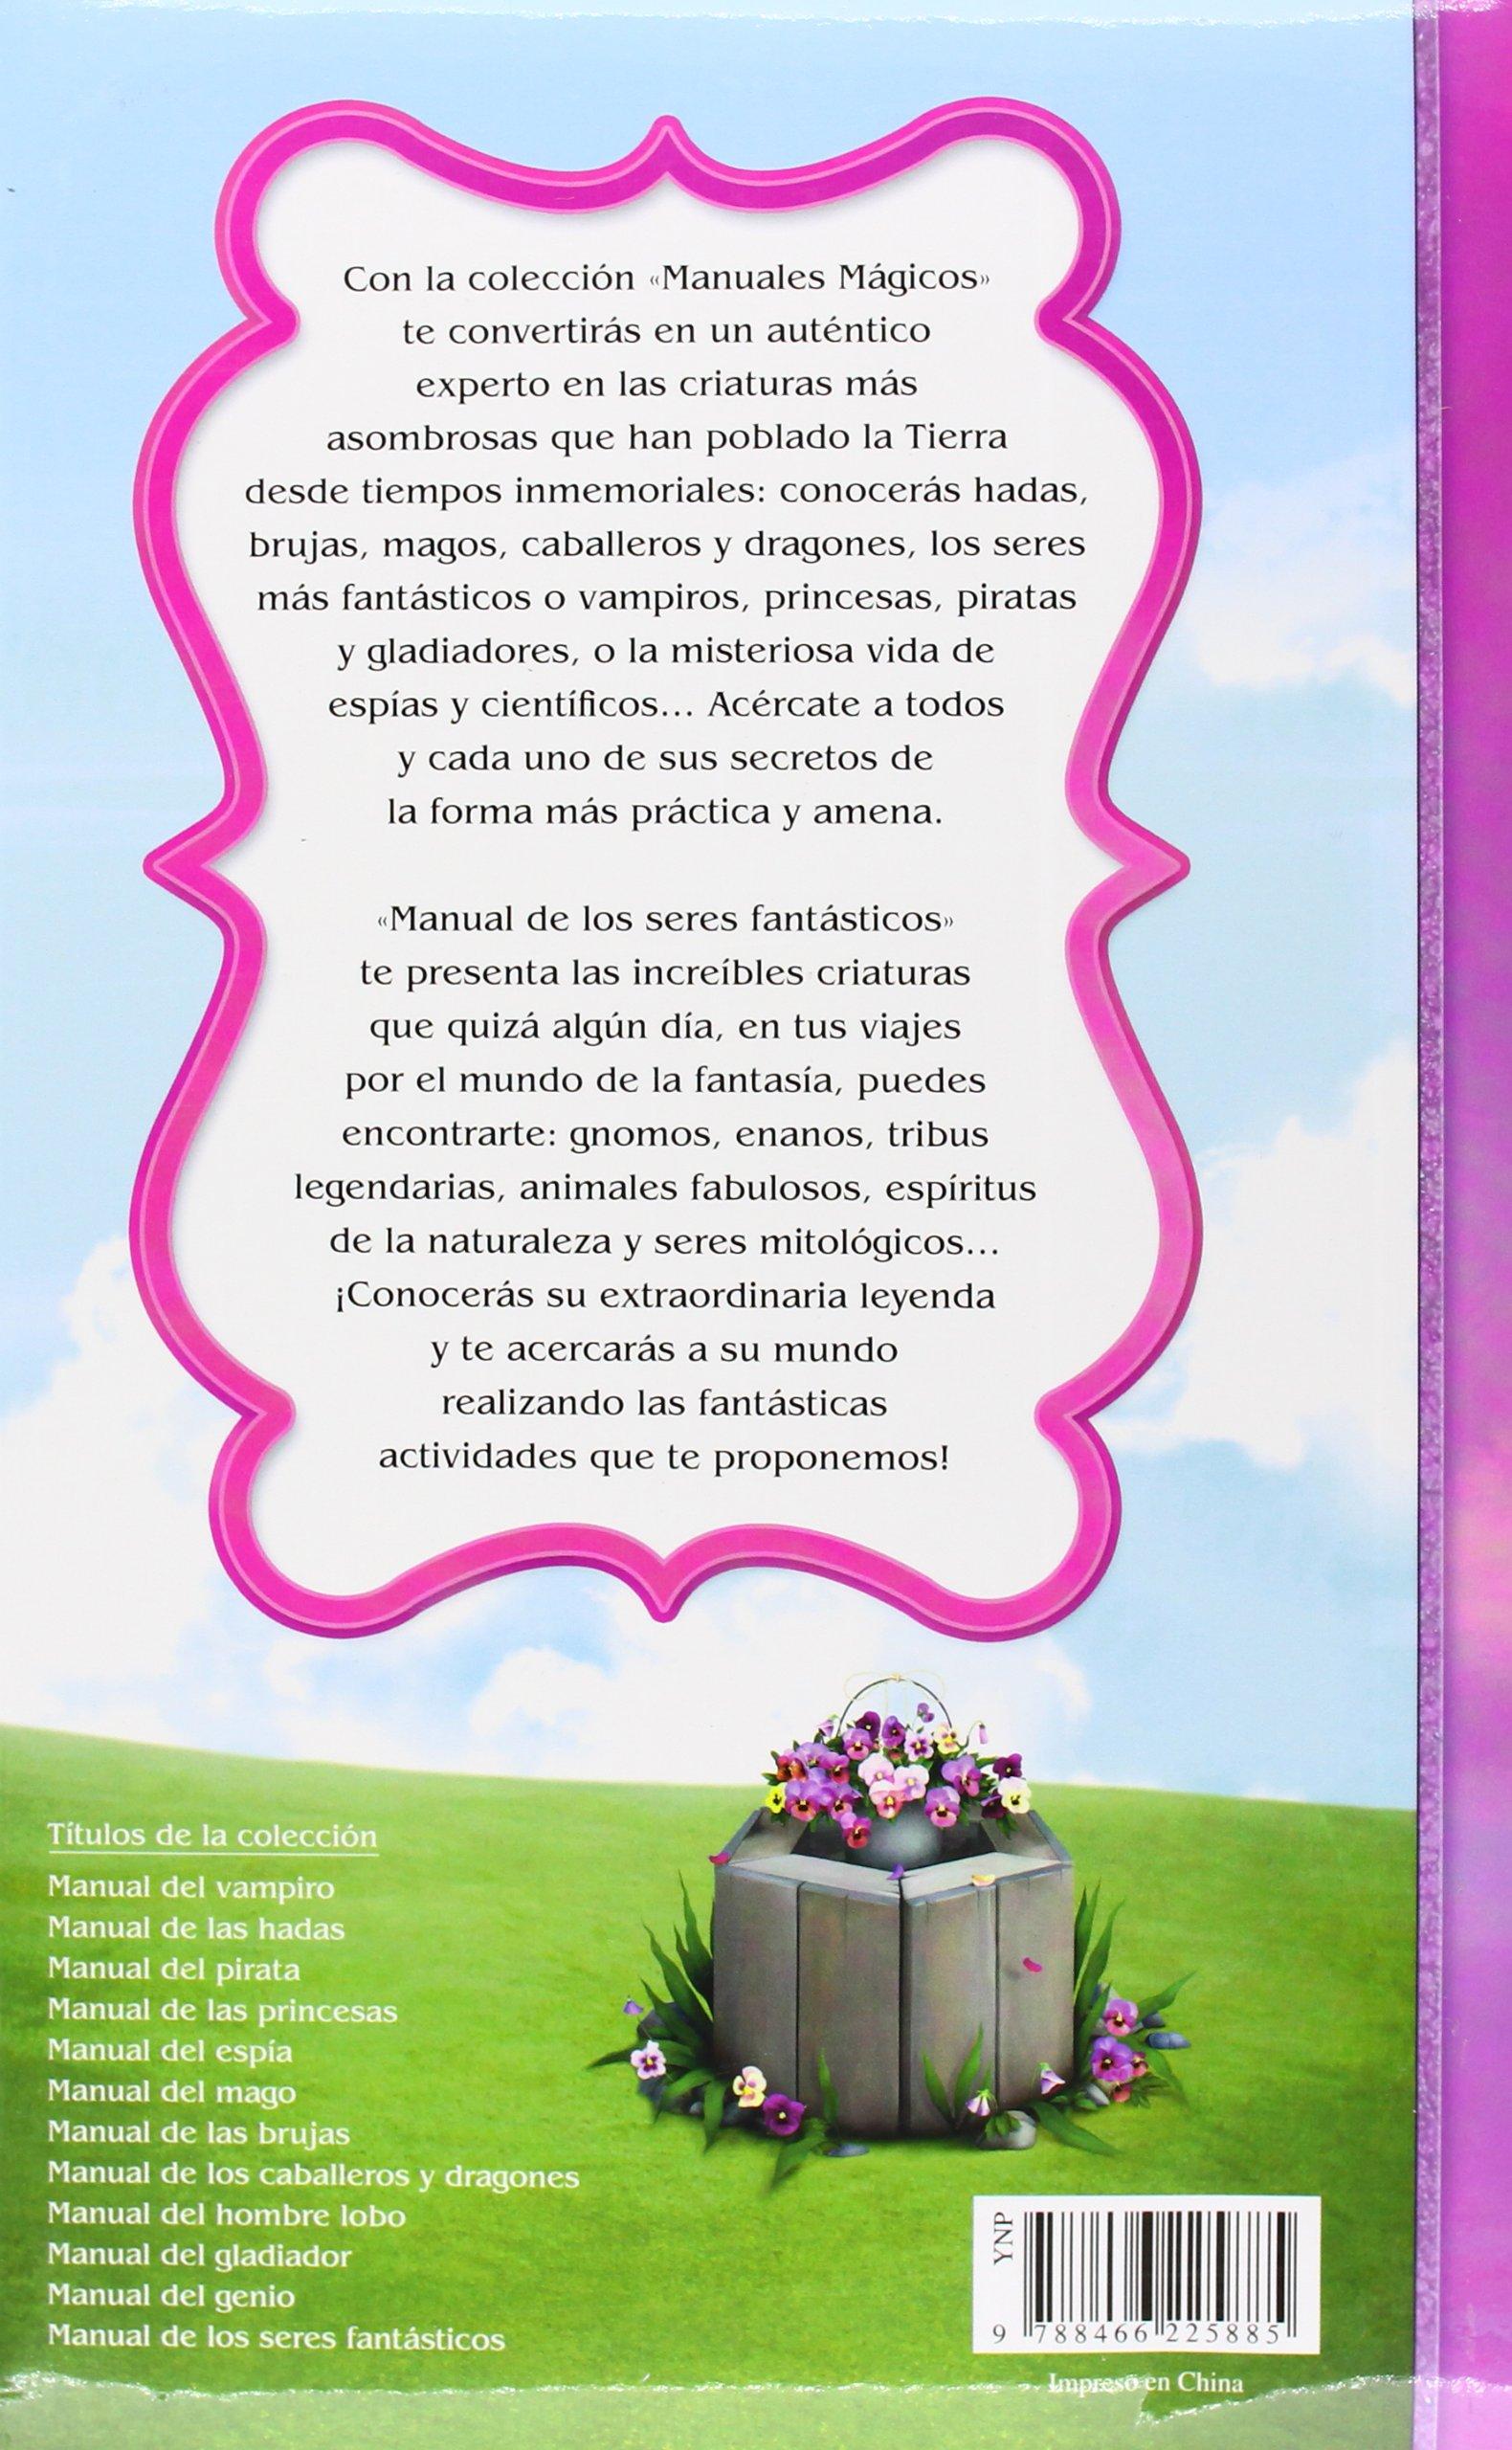 Manual de los Seres Fantásticos (Manuales Mágicos): Amazon.es: Alejandra  Ramírez: Libros